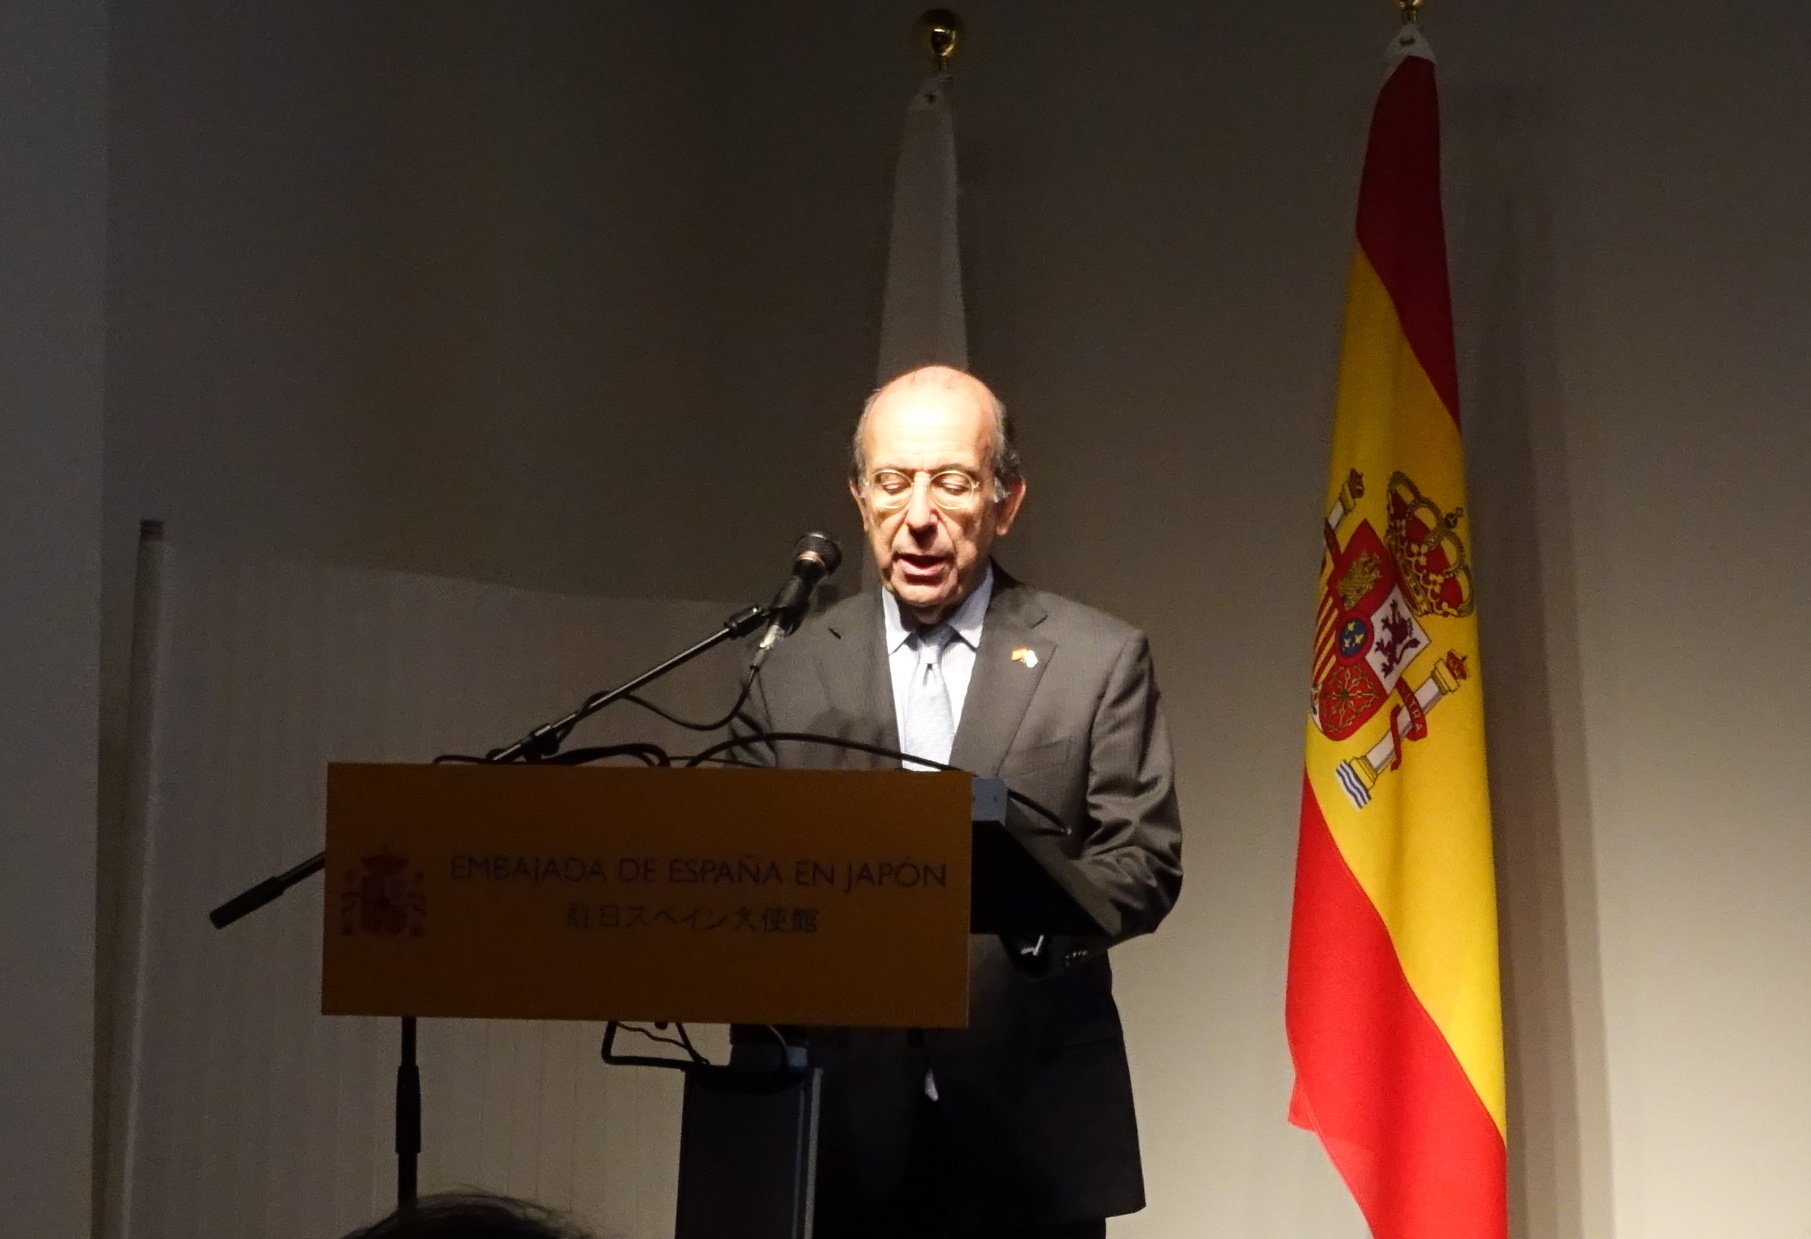 スペイン大使館 駐日スペイン大使 ゴンサロ・デ・ベニト氏